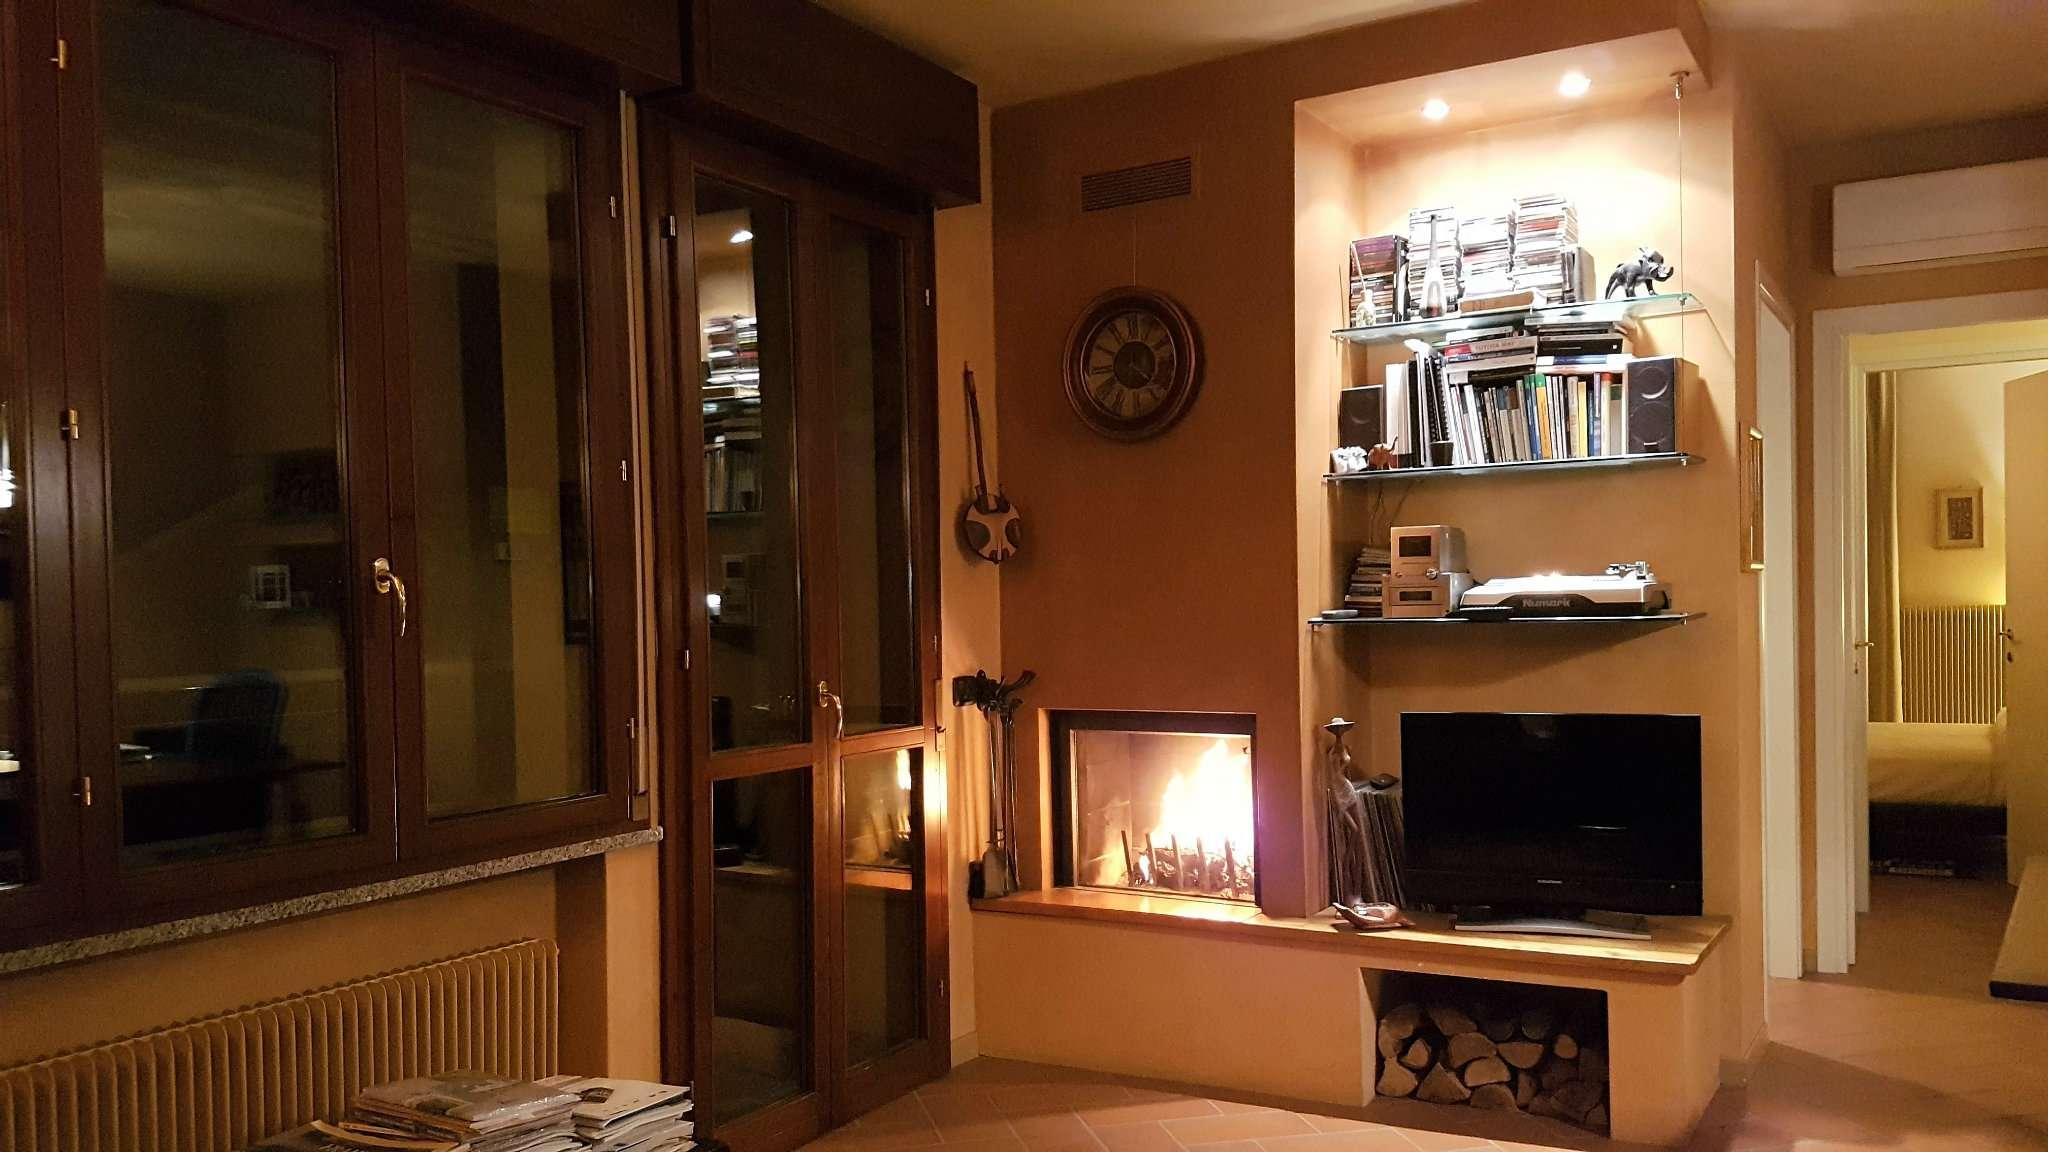 Appartamento in vendita a Montecchio Emilia, 3 locali, prezzo € 138.000 | CambioCasa.it